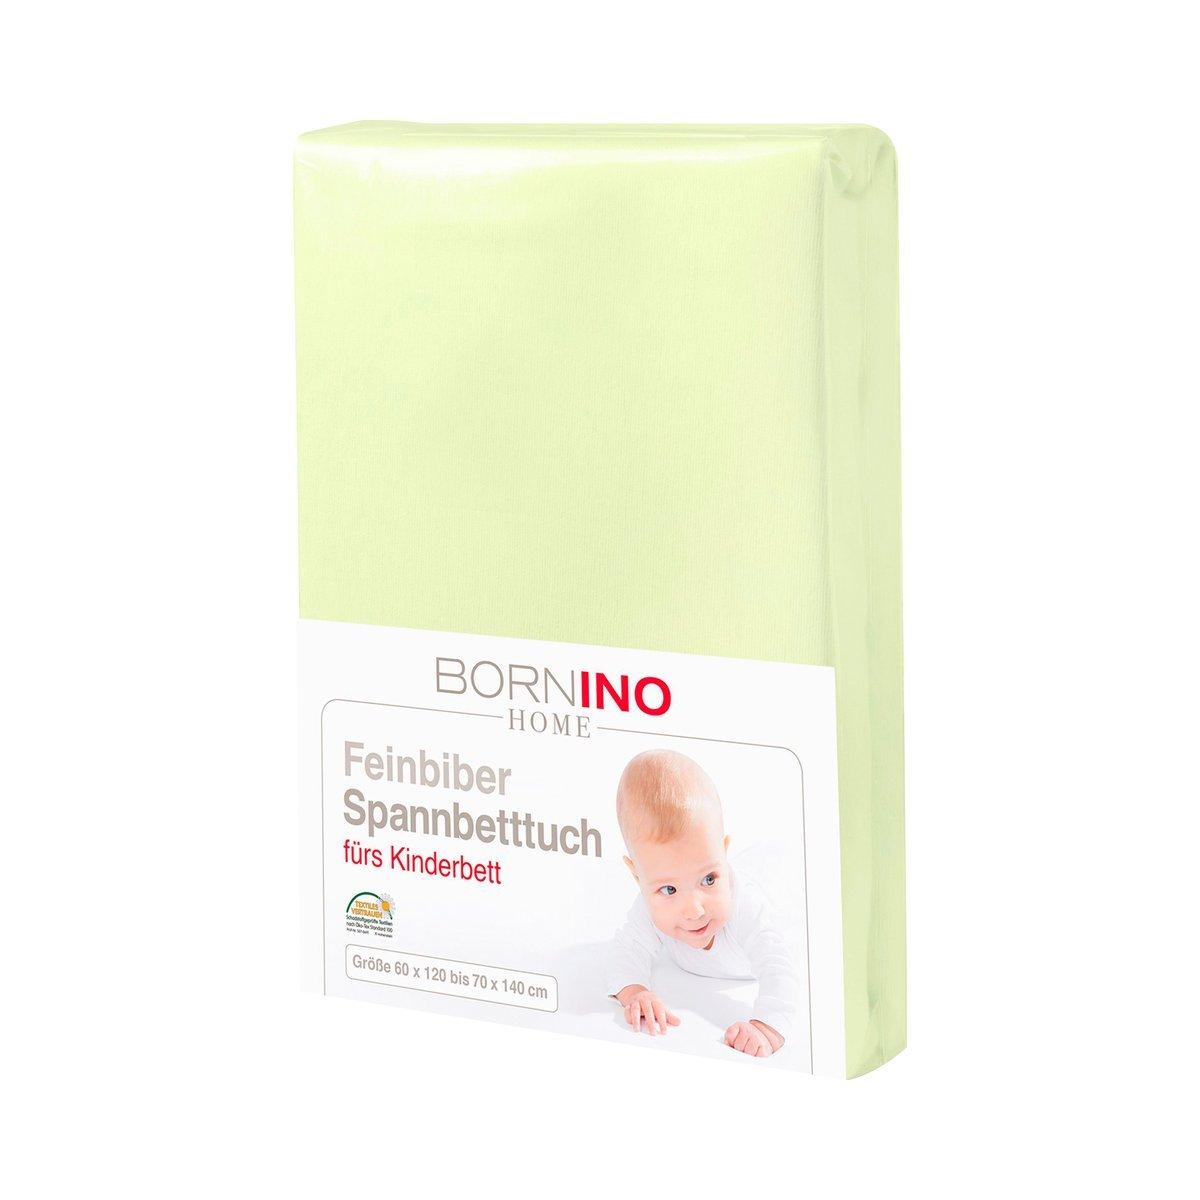 70x140 cm 100/% Baumwolle BORNINO HOME Feinbiber-Spannbetttuch//Spannbettt/ücher Spannbettlaken//Baumwoll-Laken Farbe: wei/ß